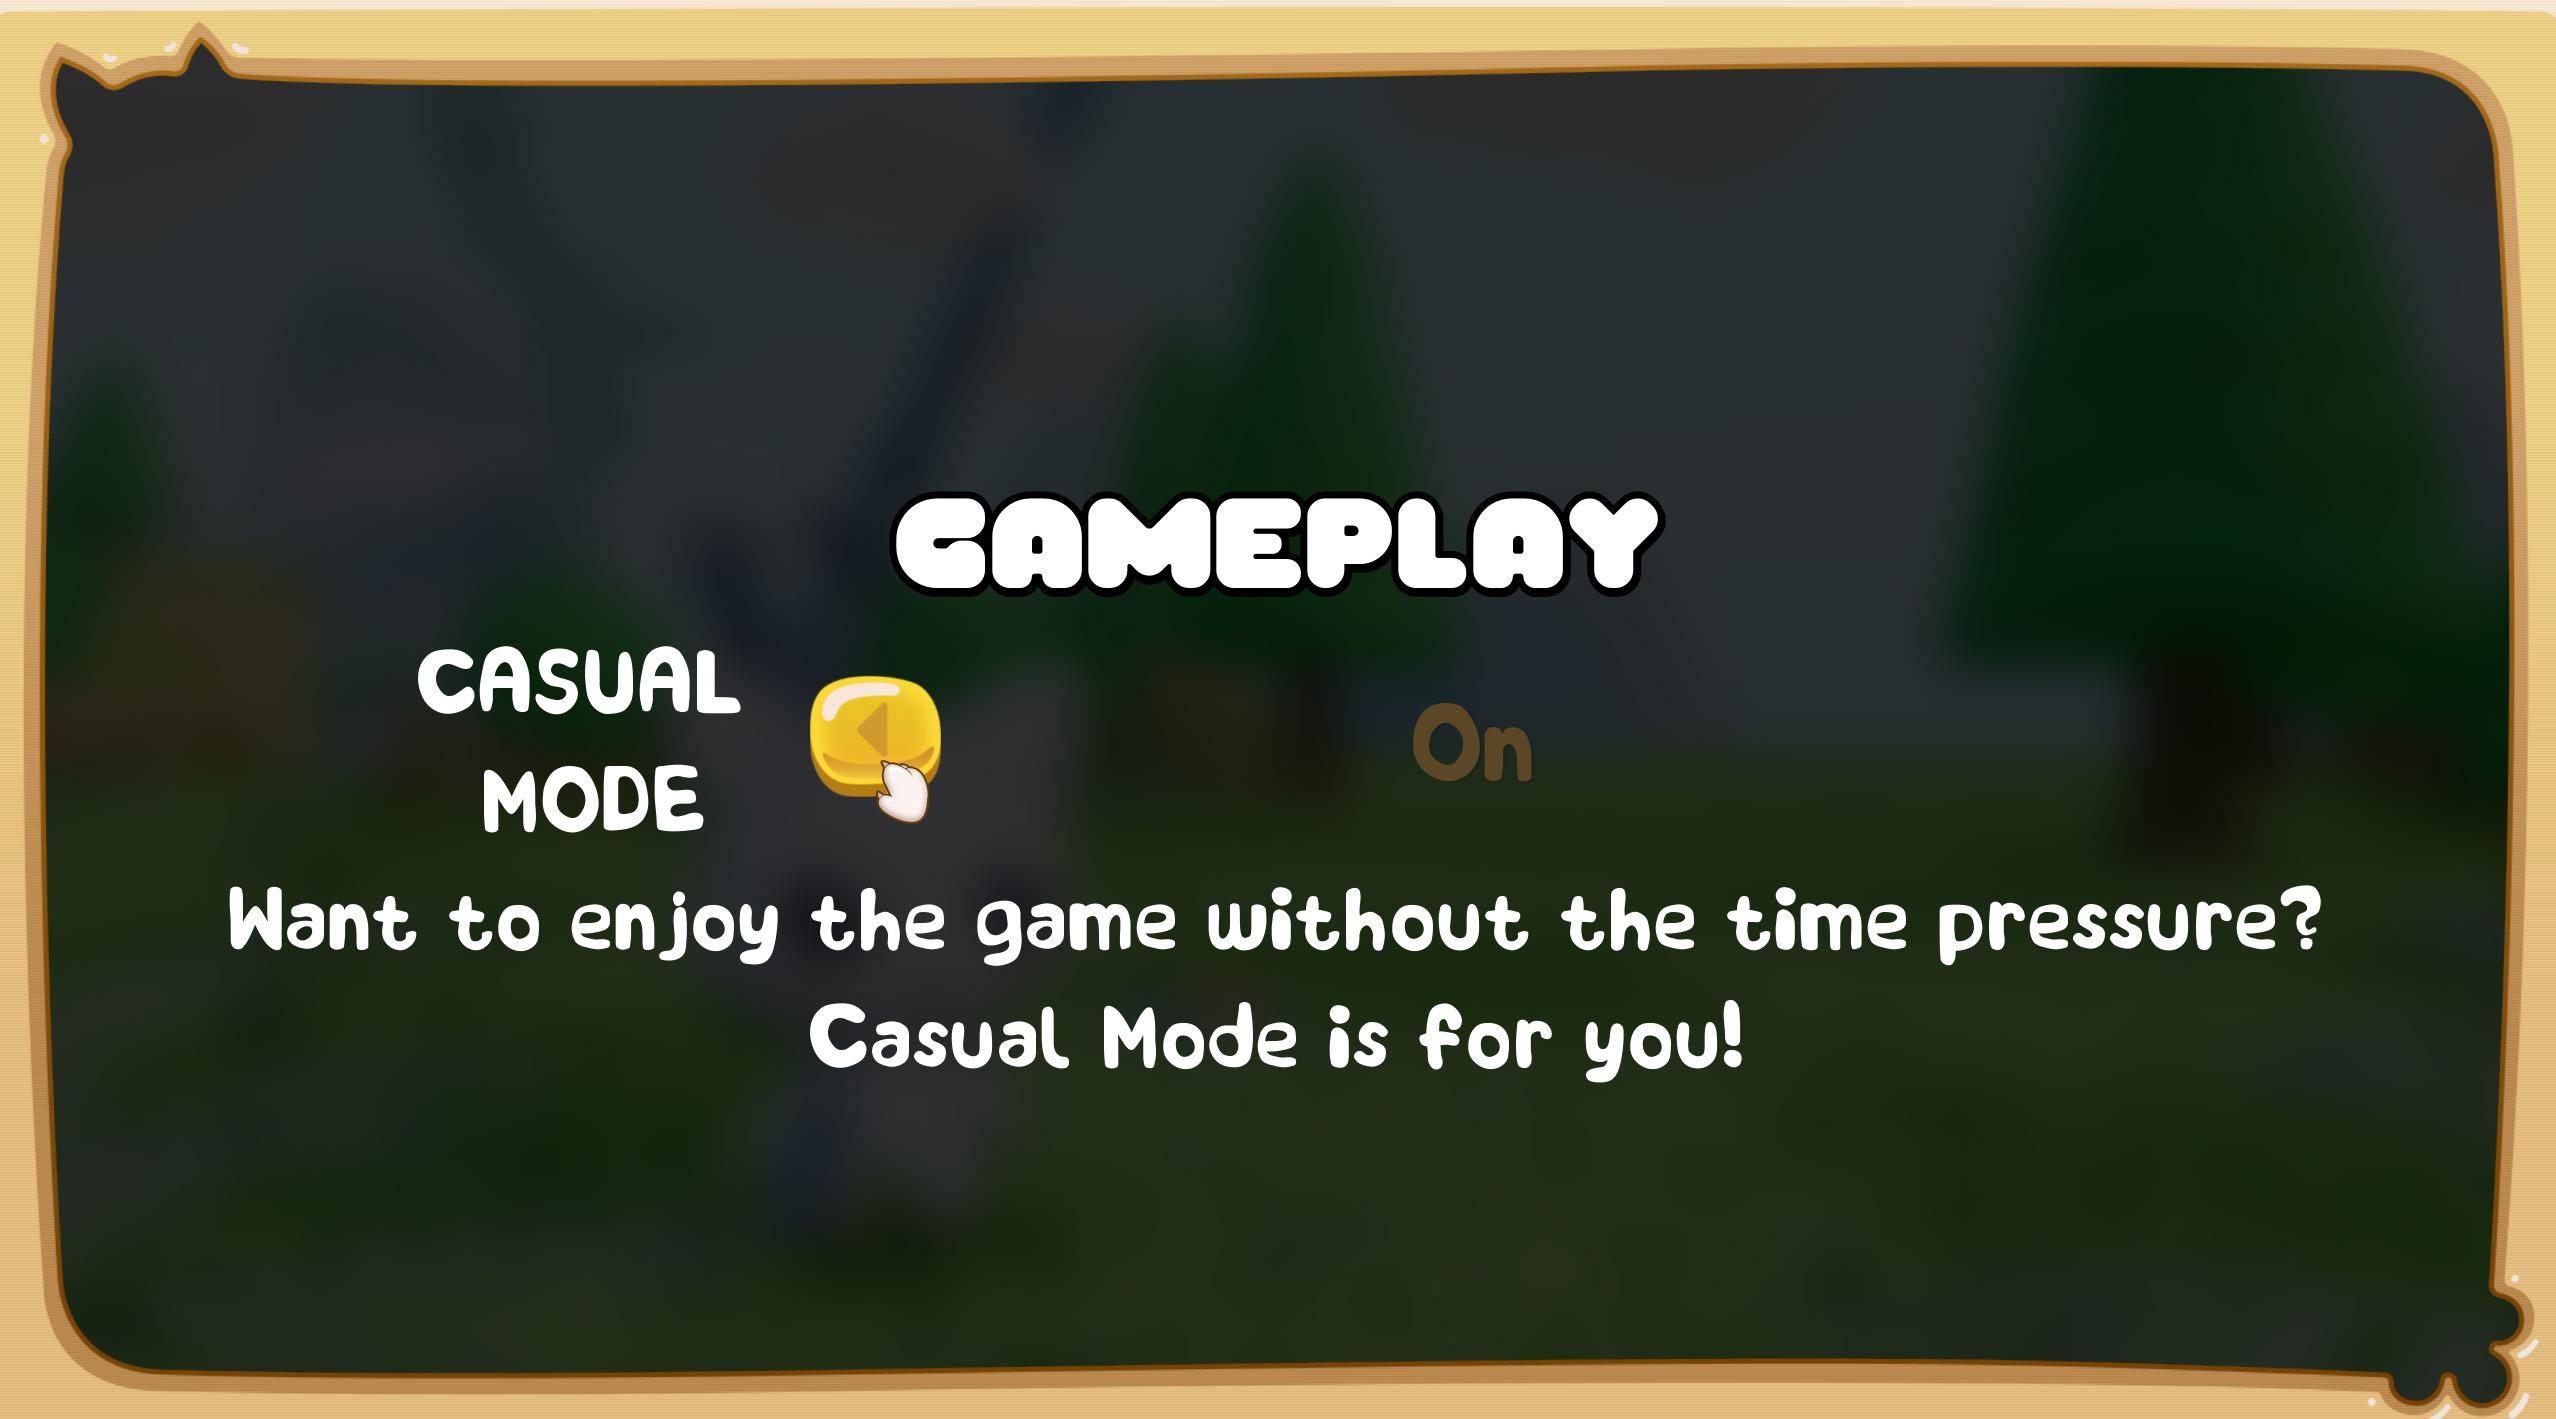 CasualModeScreen